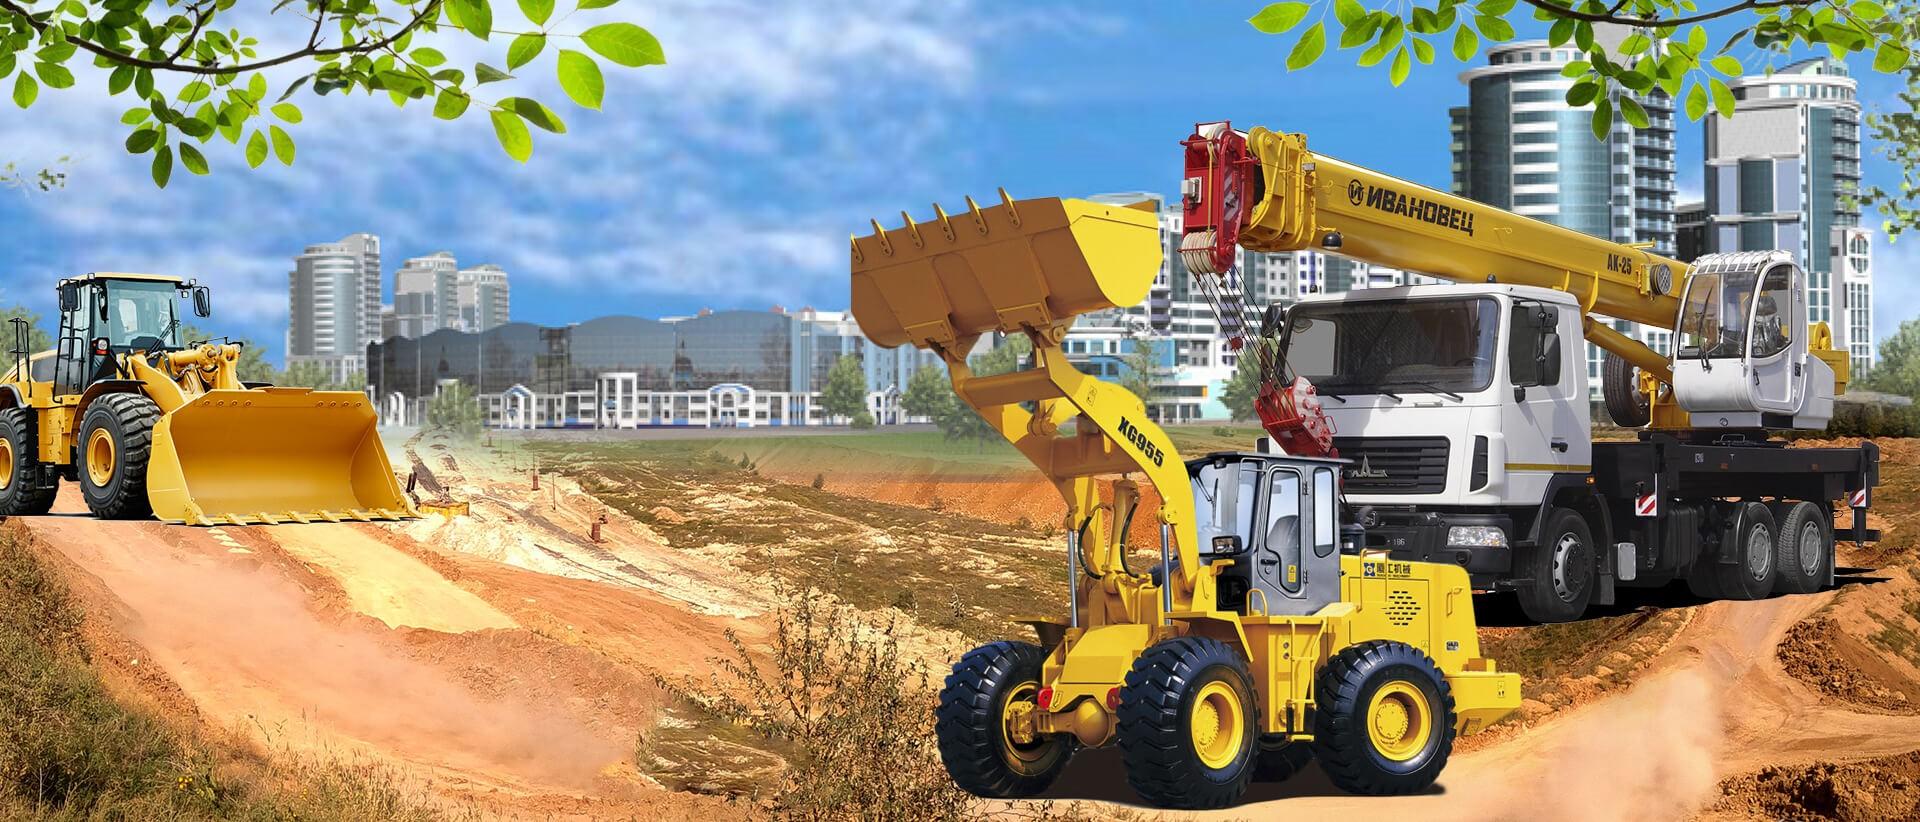 аренда строительной техники, аренда спецтехники, проведение строительных работ